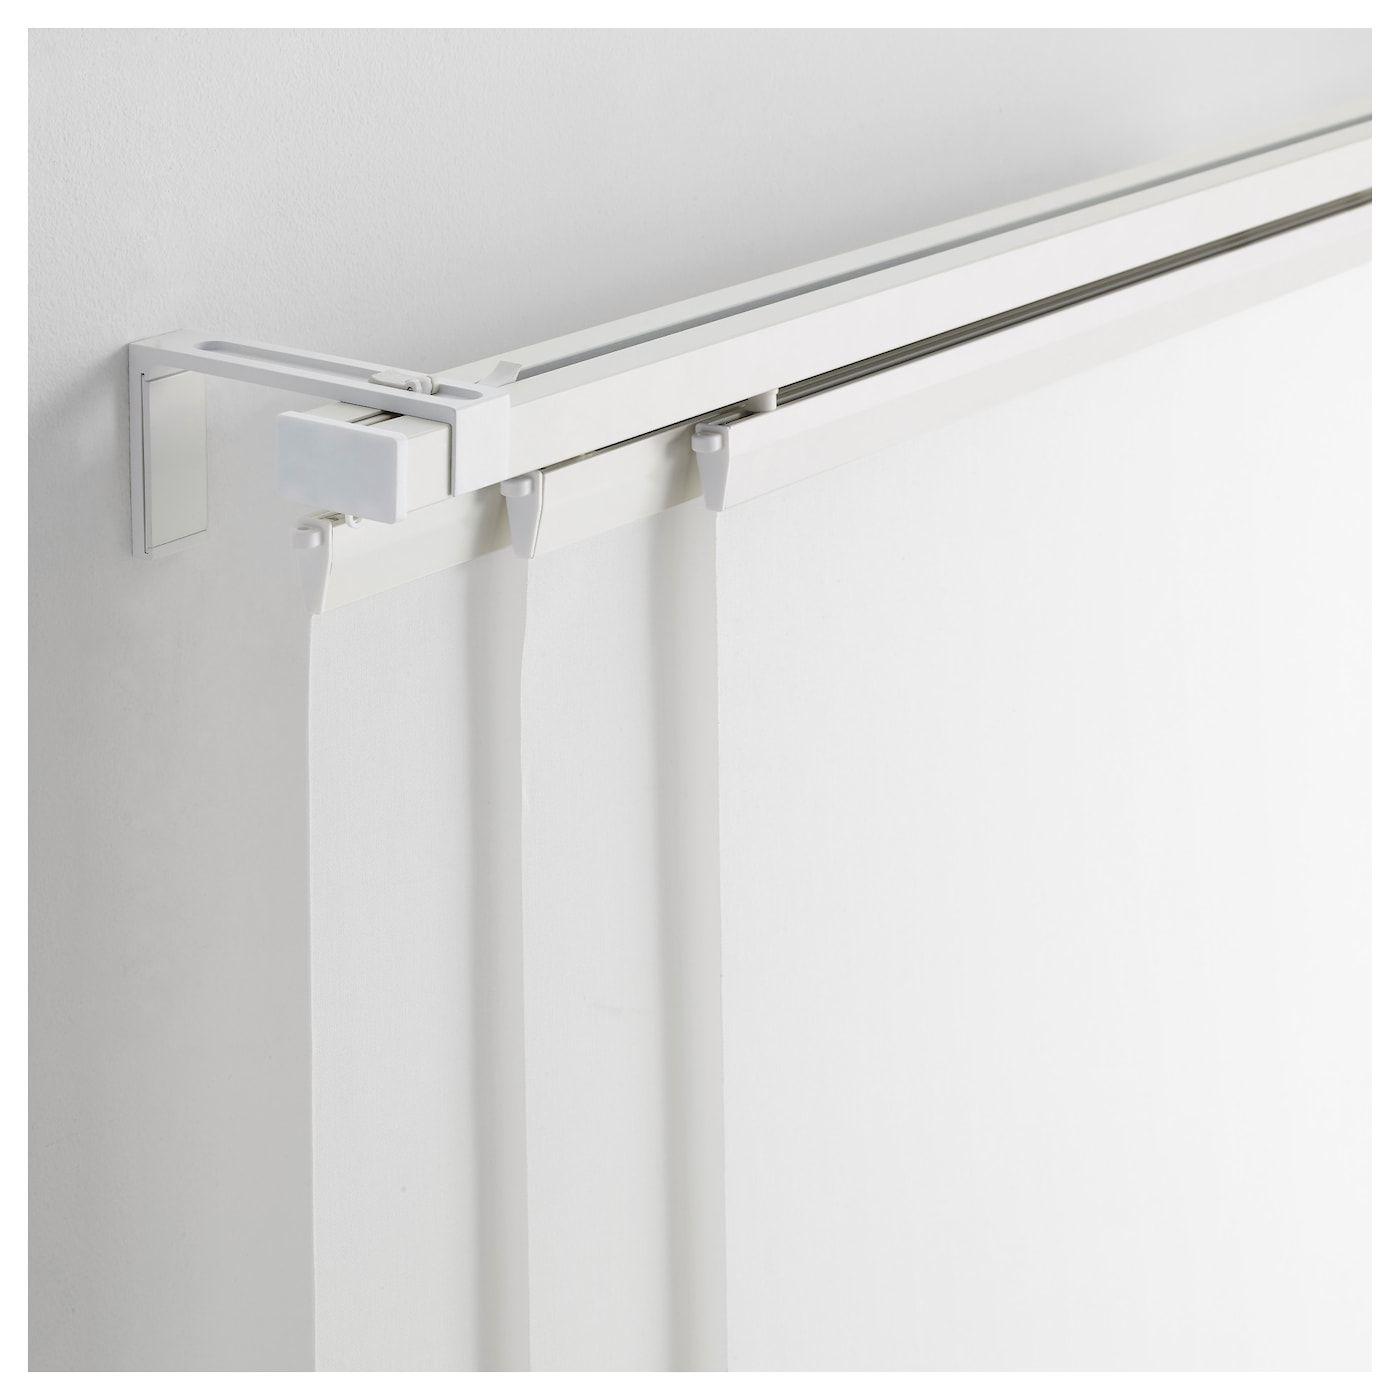 Vidga Triple Curtain Rail White 55 Curtain Rails Cool